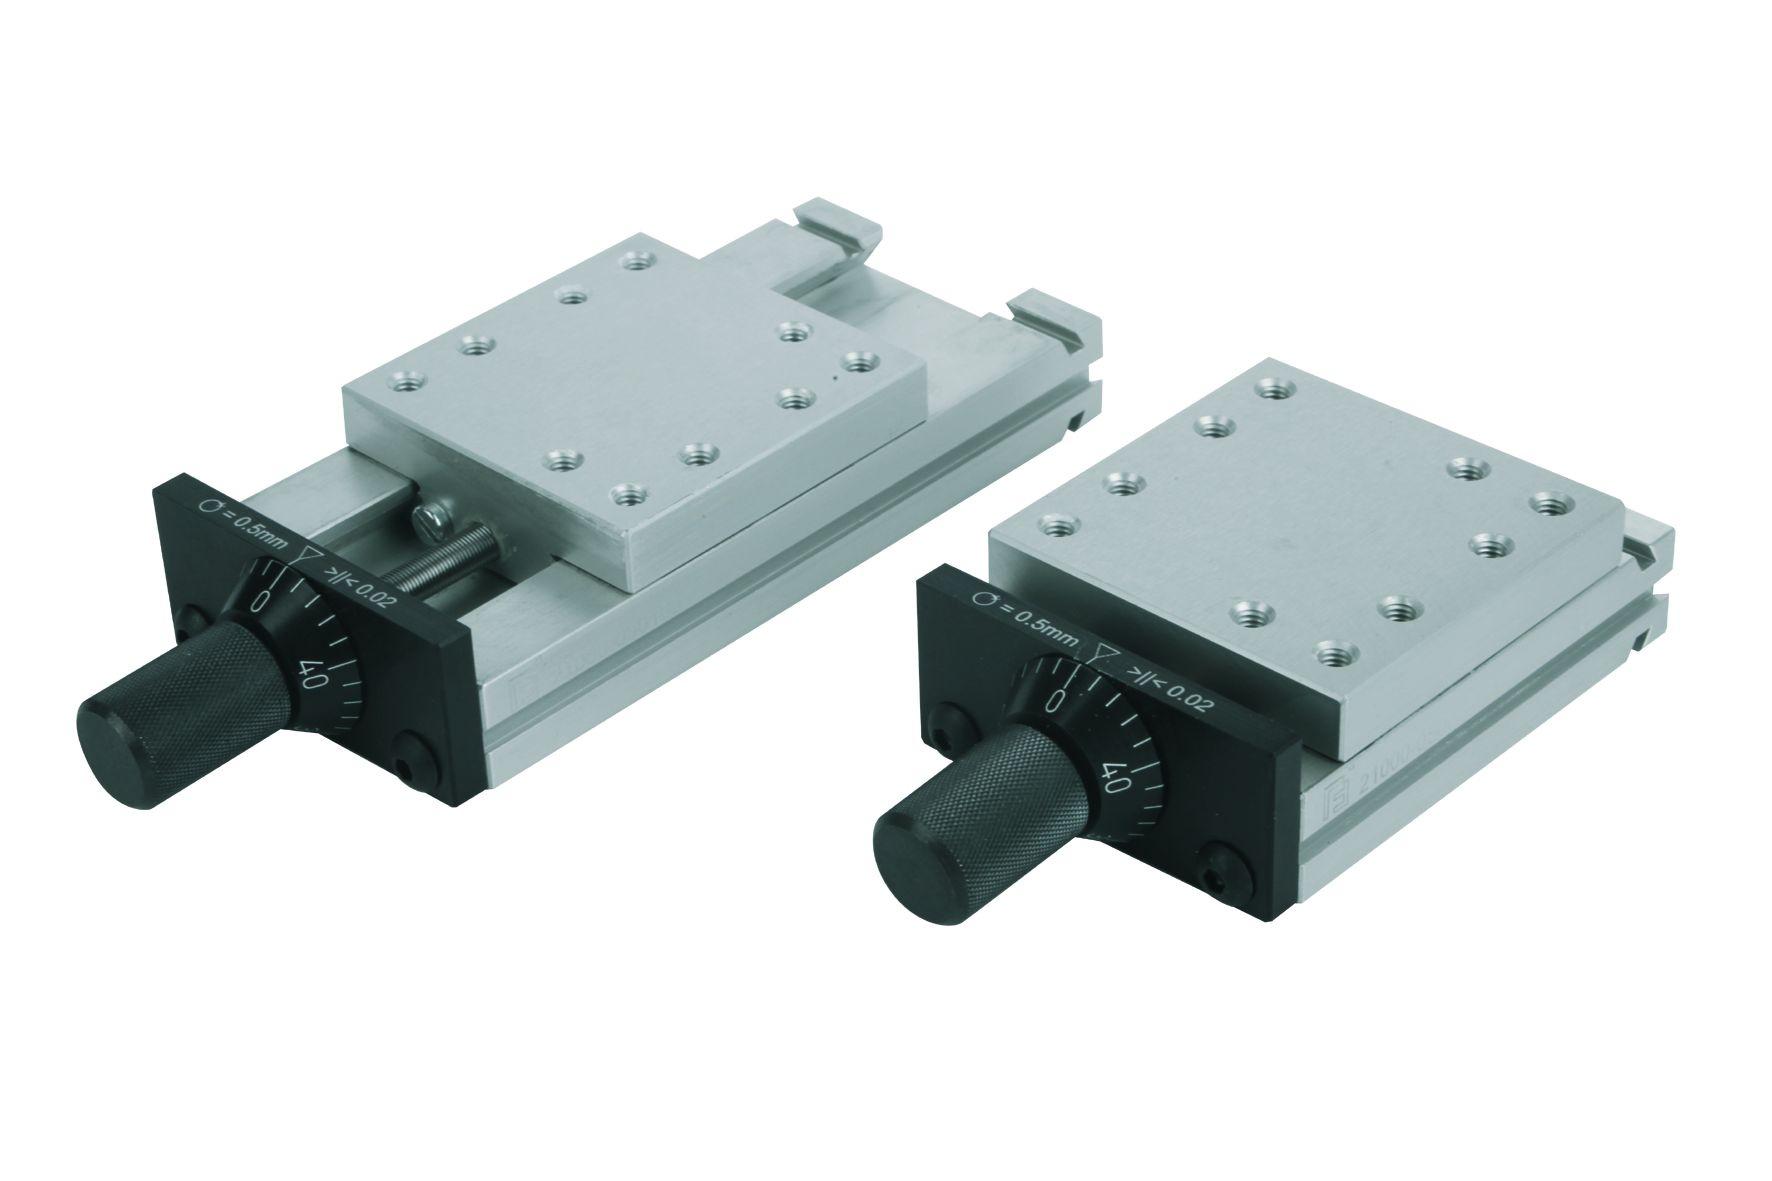 Werkstoff: Aluminium EN AW-6063. Hinweis: Diese präzisen Schlittenführungen werden unter anderem eingesetzt im Maschinen